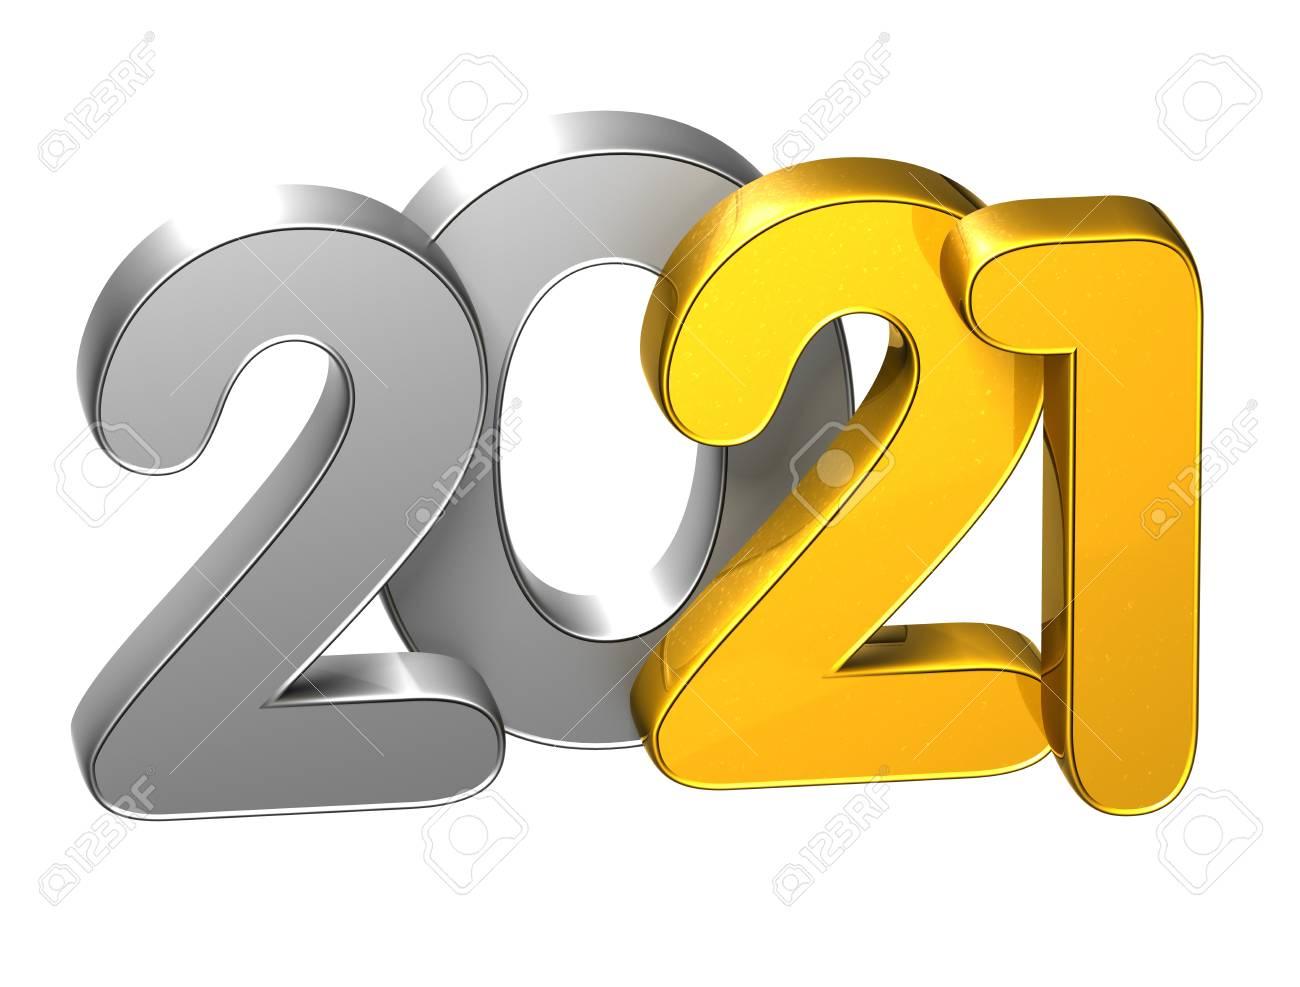 neujahr 2021 bilder